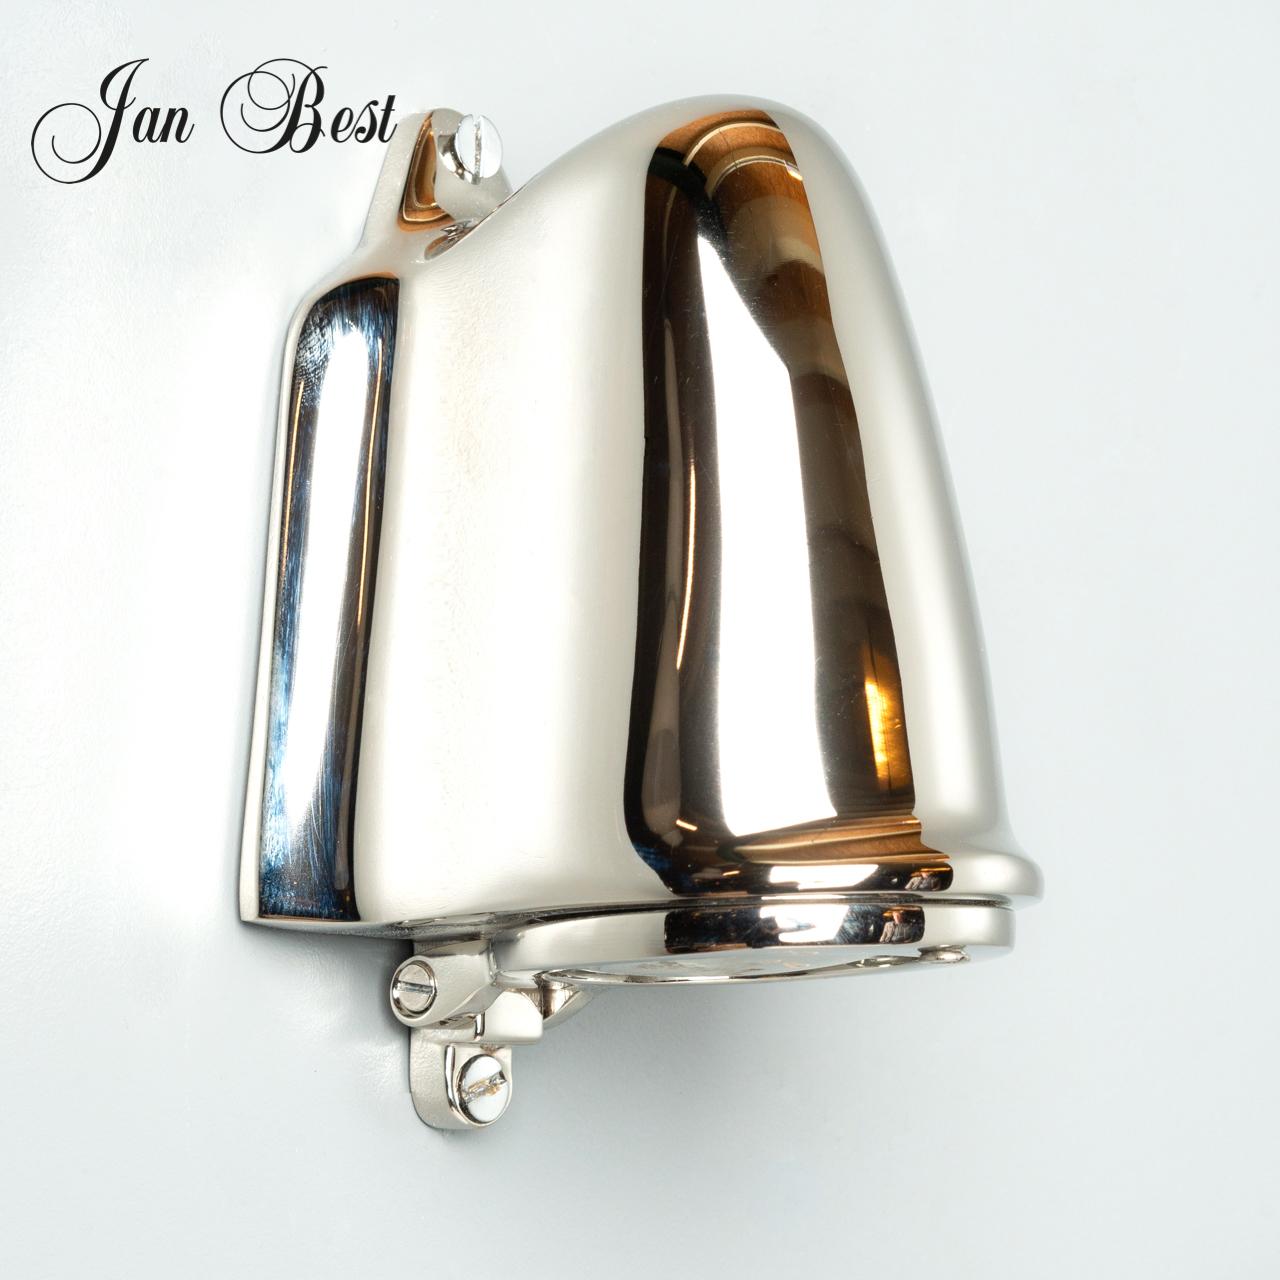 jan-best-messing-brons-downlighter-wandlamp-outdoor-buiten-tuin-terras-horeca-nostalgische-klassieke-verlichting-aalsmeer